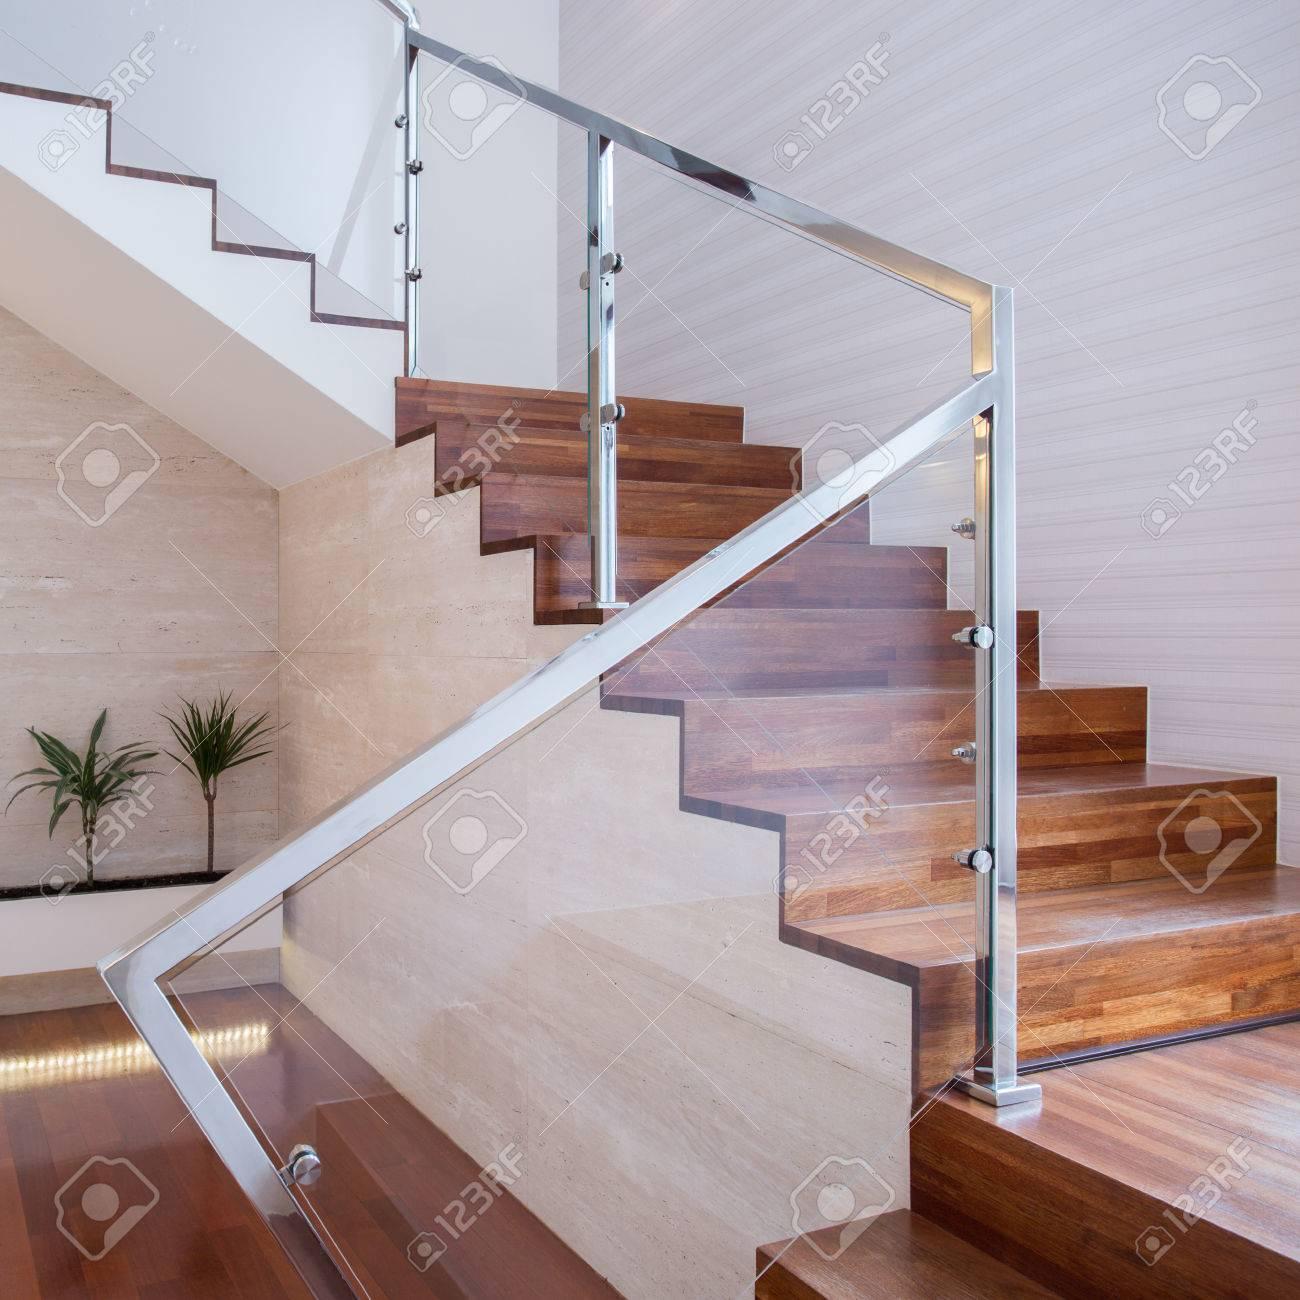 Image De L\'escalier élégant Intérieur Lumineux Maison Banque D ...